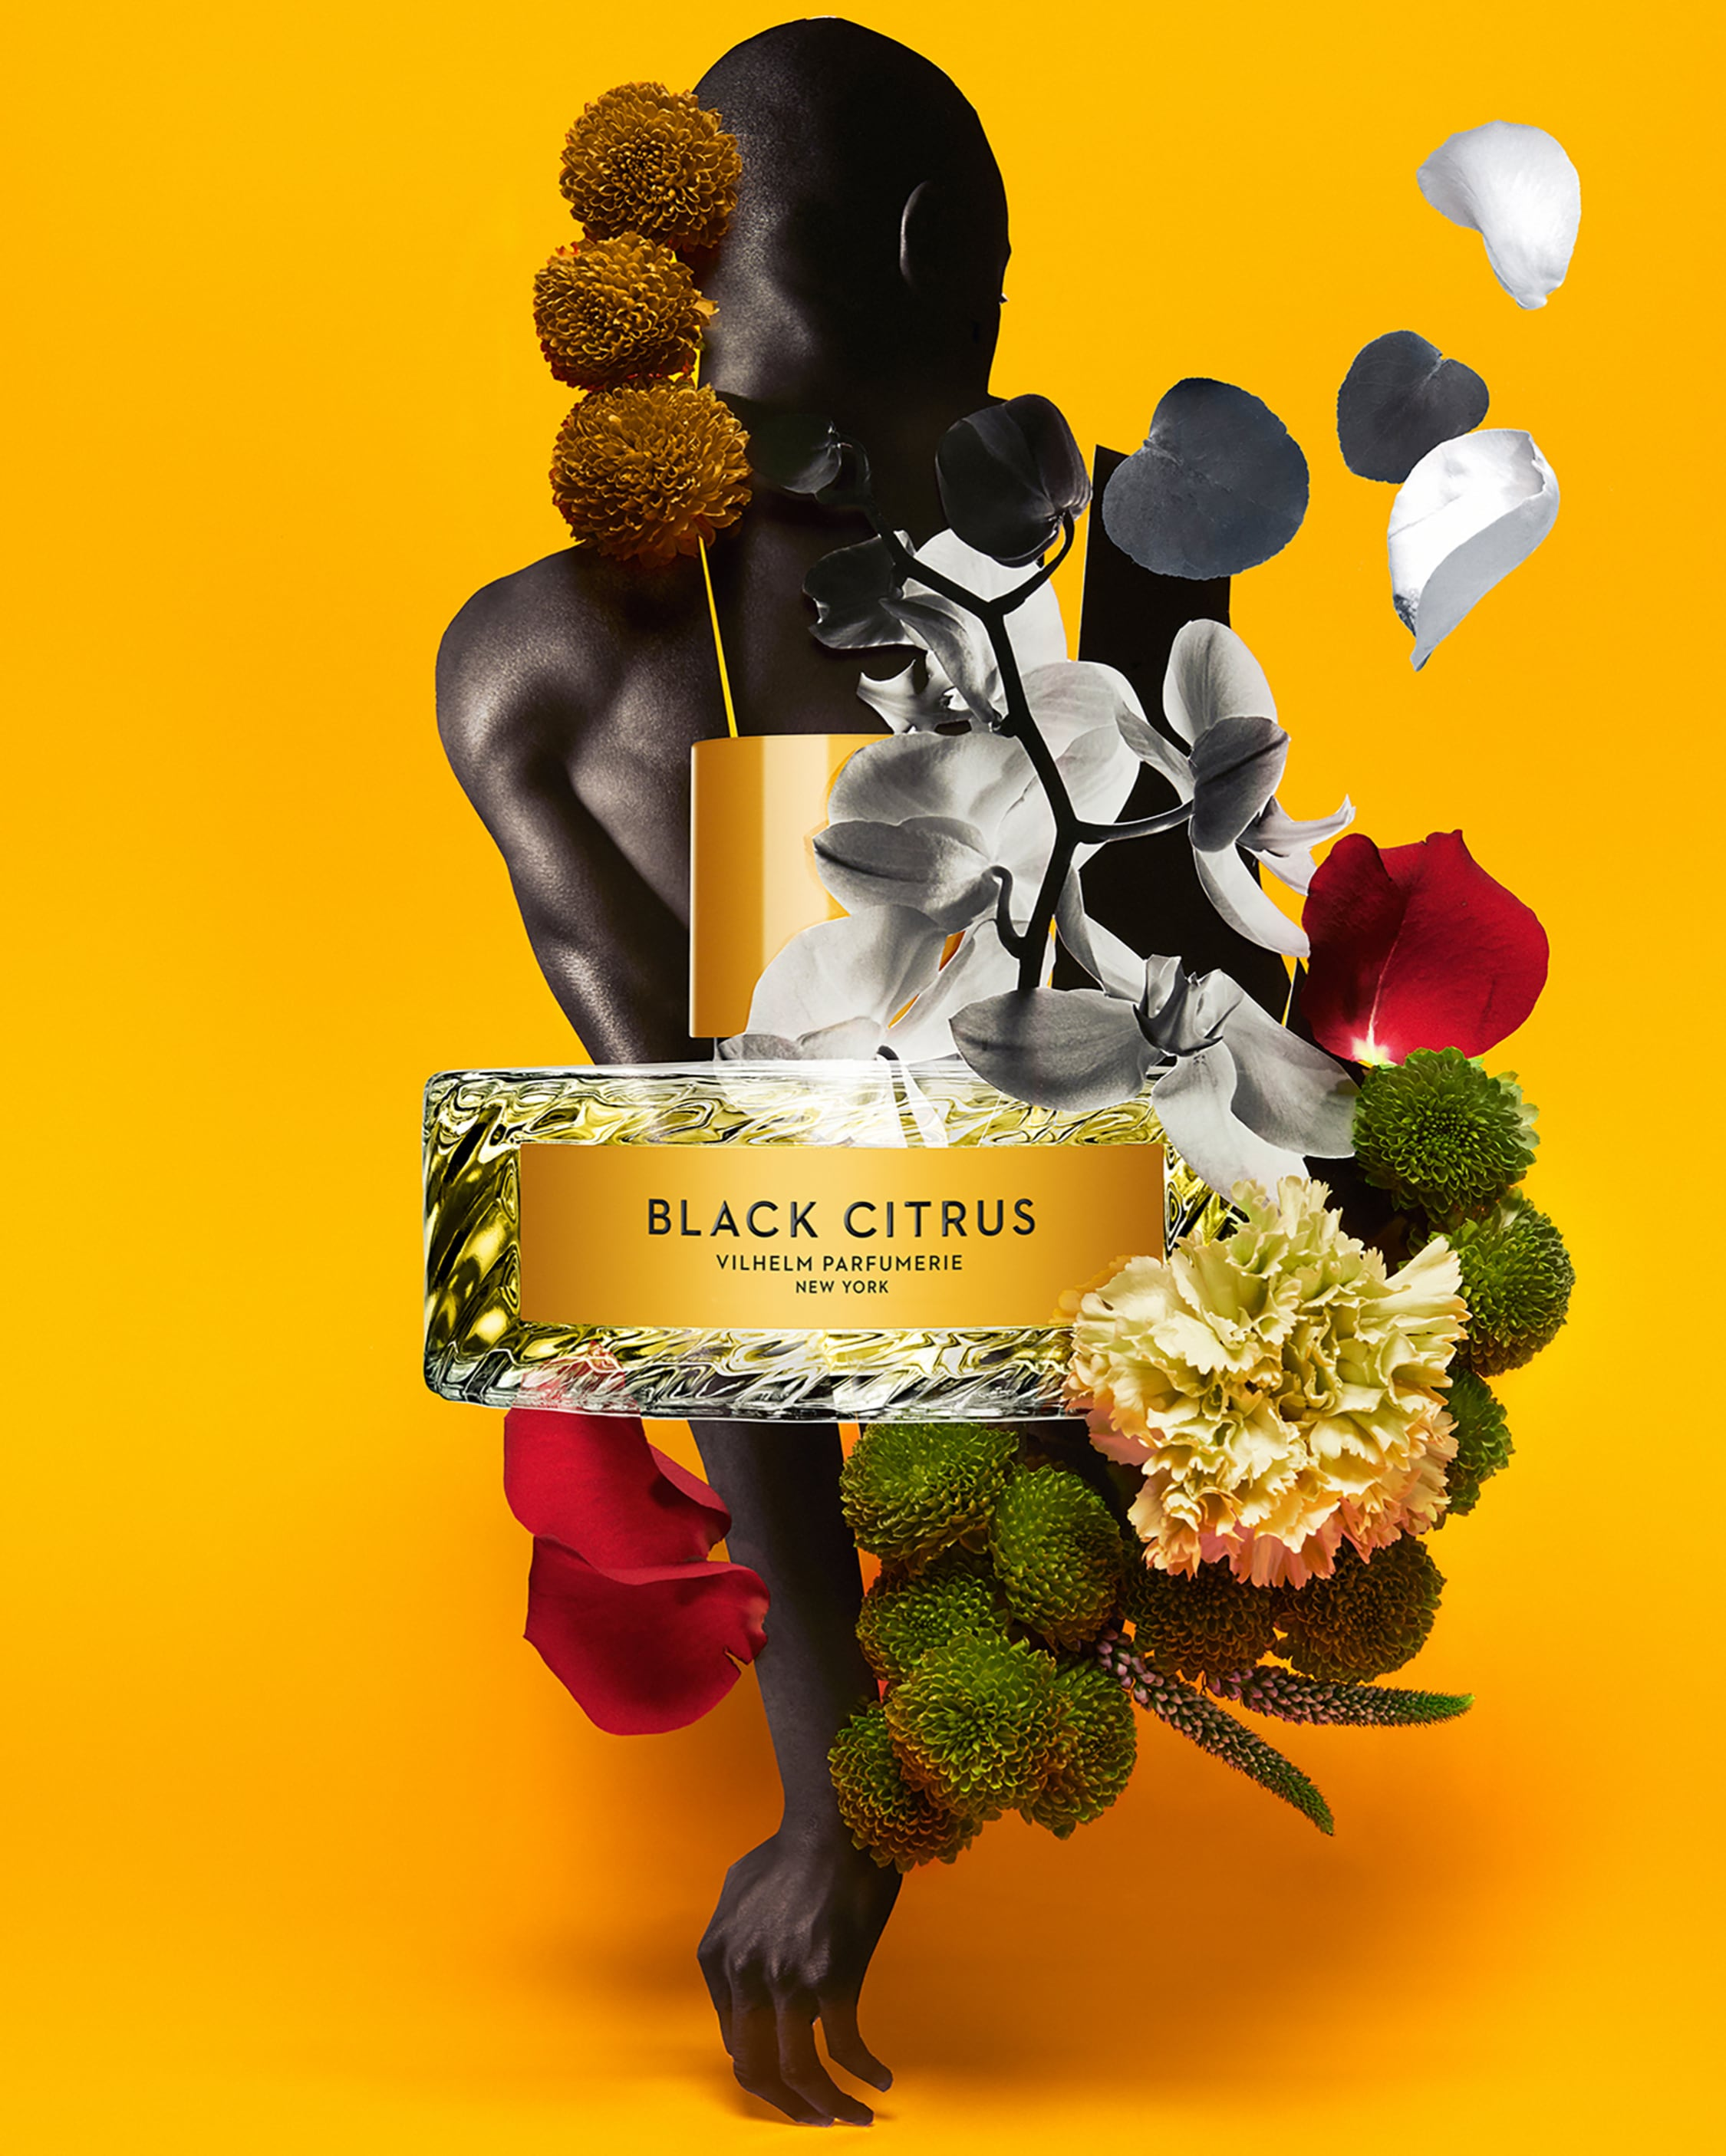 Vilhelm Perfumerie Black Citrus Eau de Parfum 50ml 2